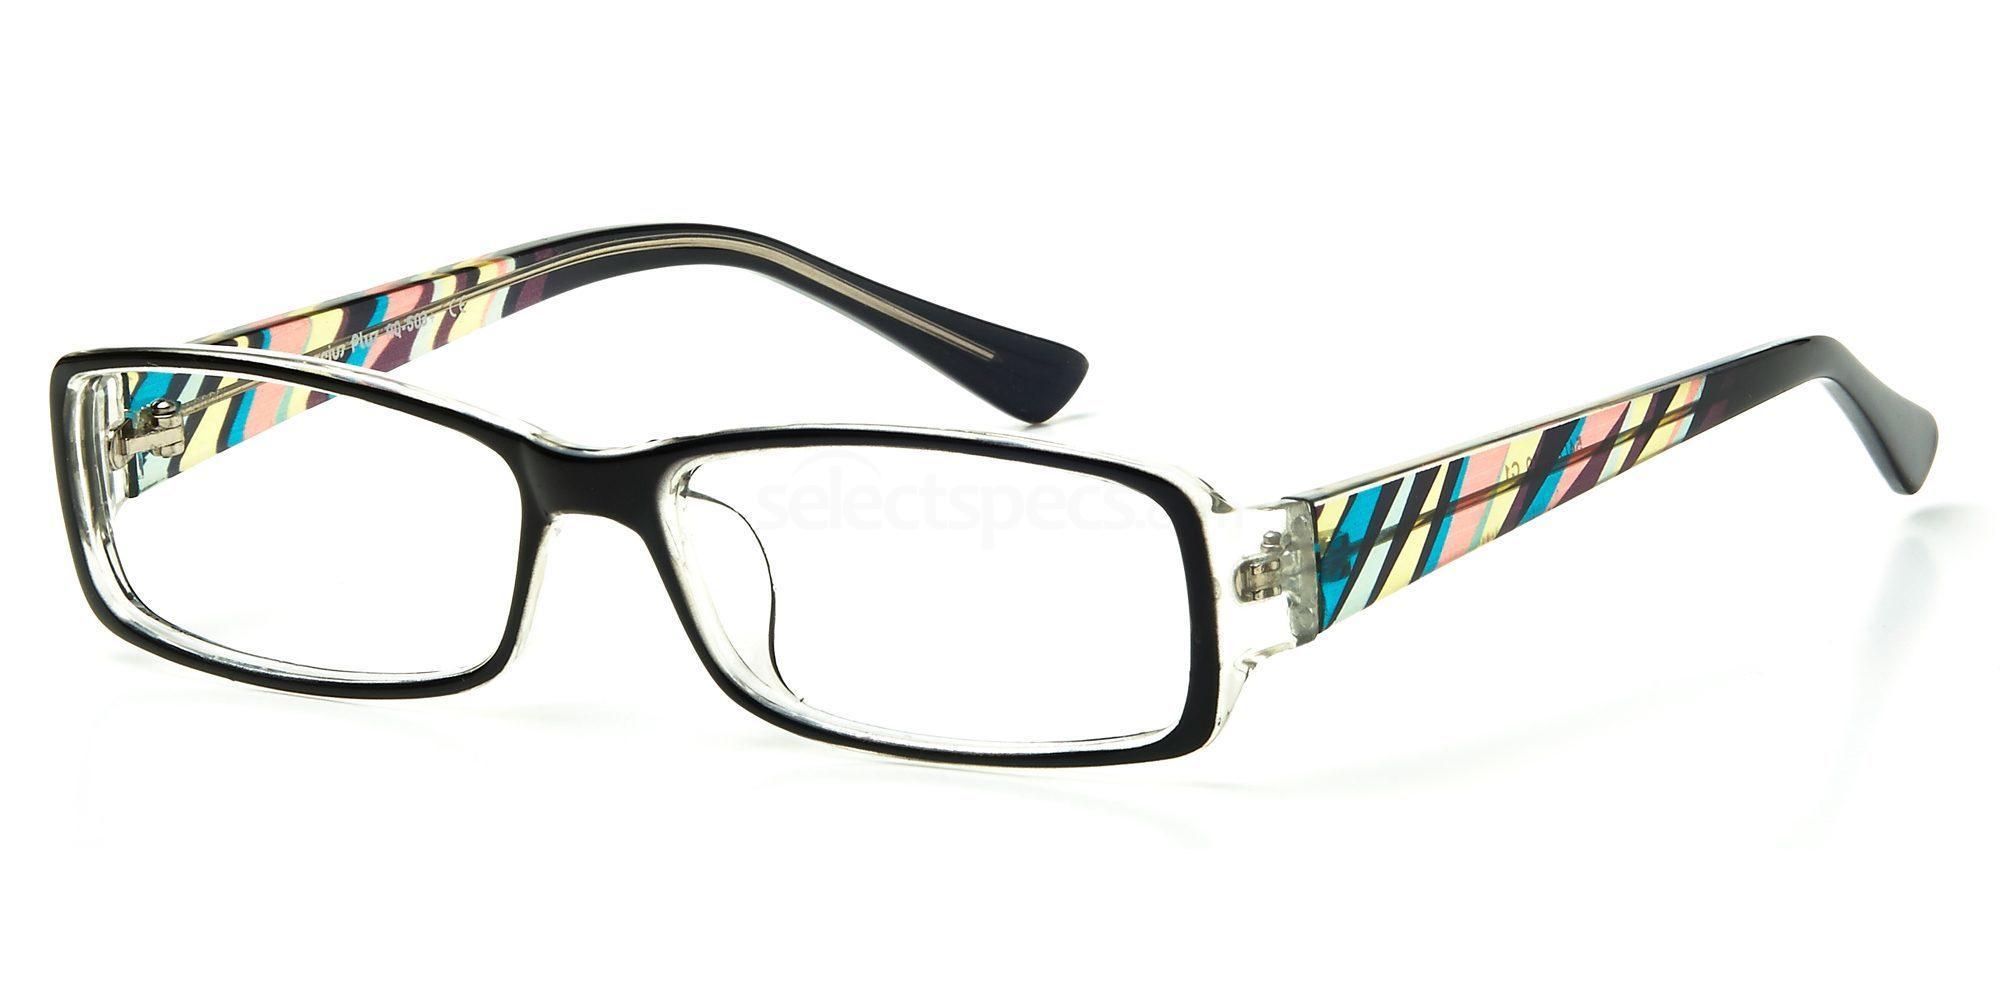 C1 AQ+503 Glasses, Aquarius+